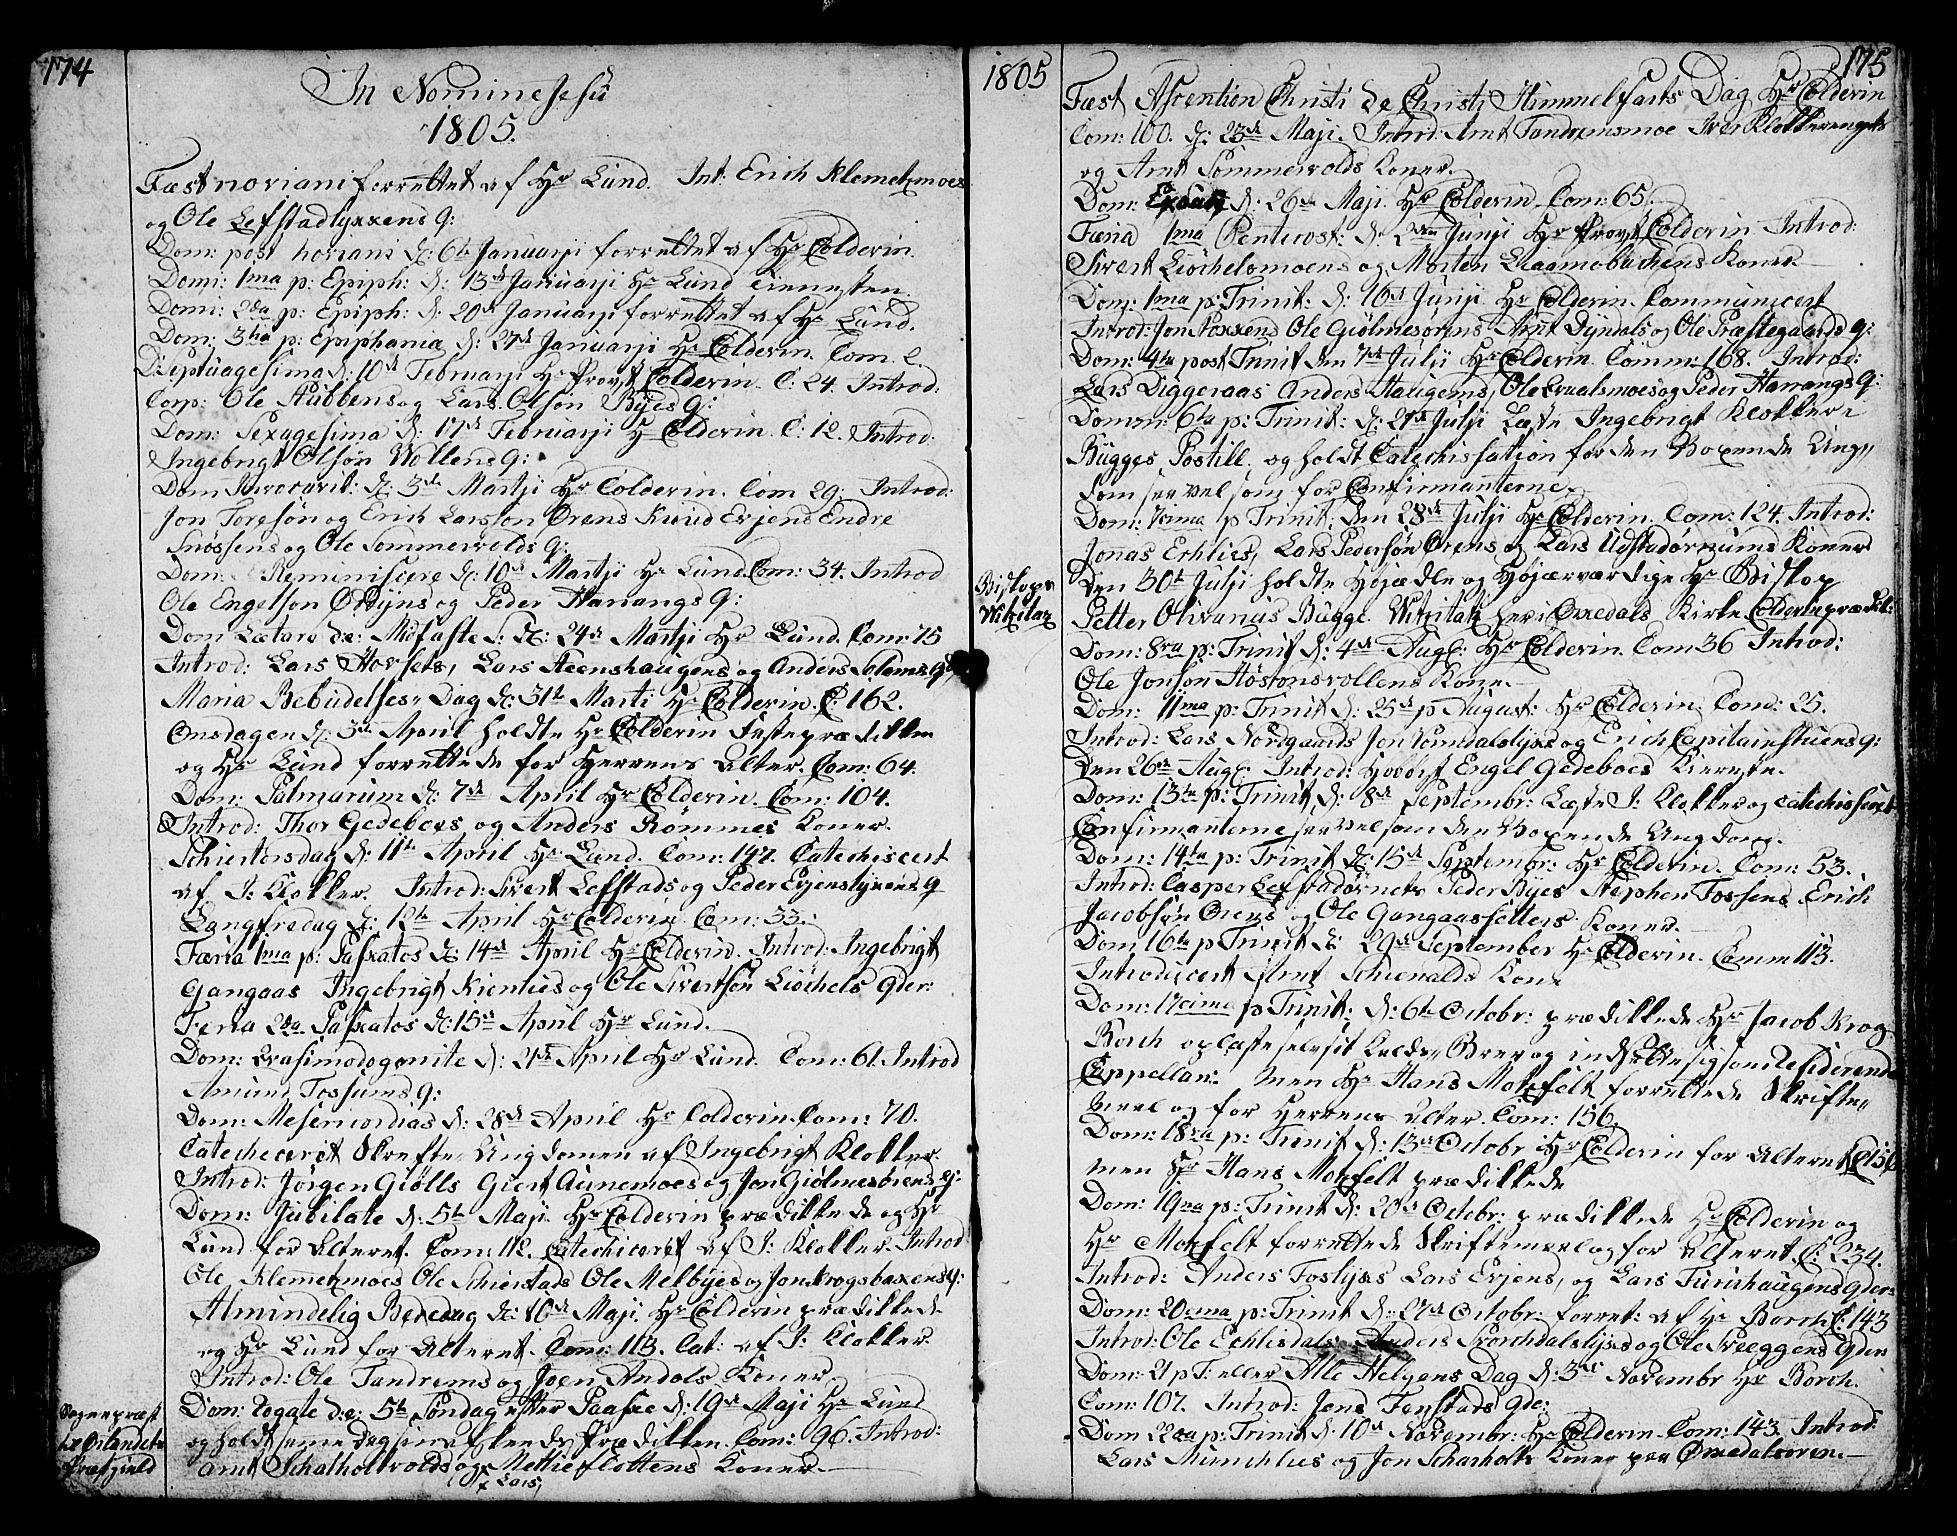 SAT, Ministerialprotokoller, klokkerbøker og fødselsregistre - Sør-Trøndelag, 668/L0815: Klokkerbok nr. 668C04, 1791-1815, s. 174-175